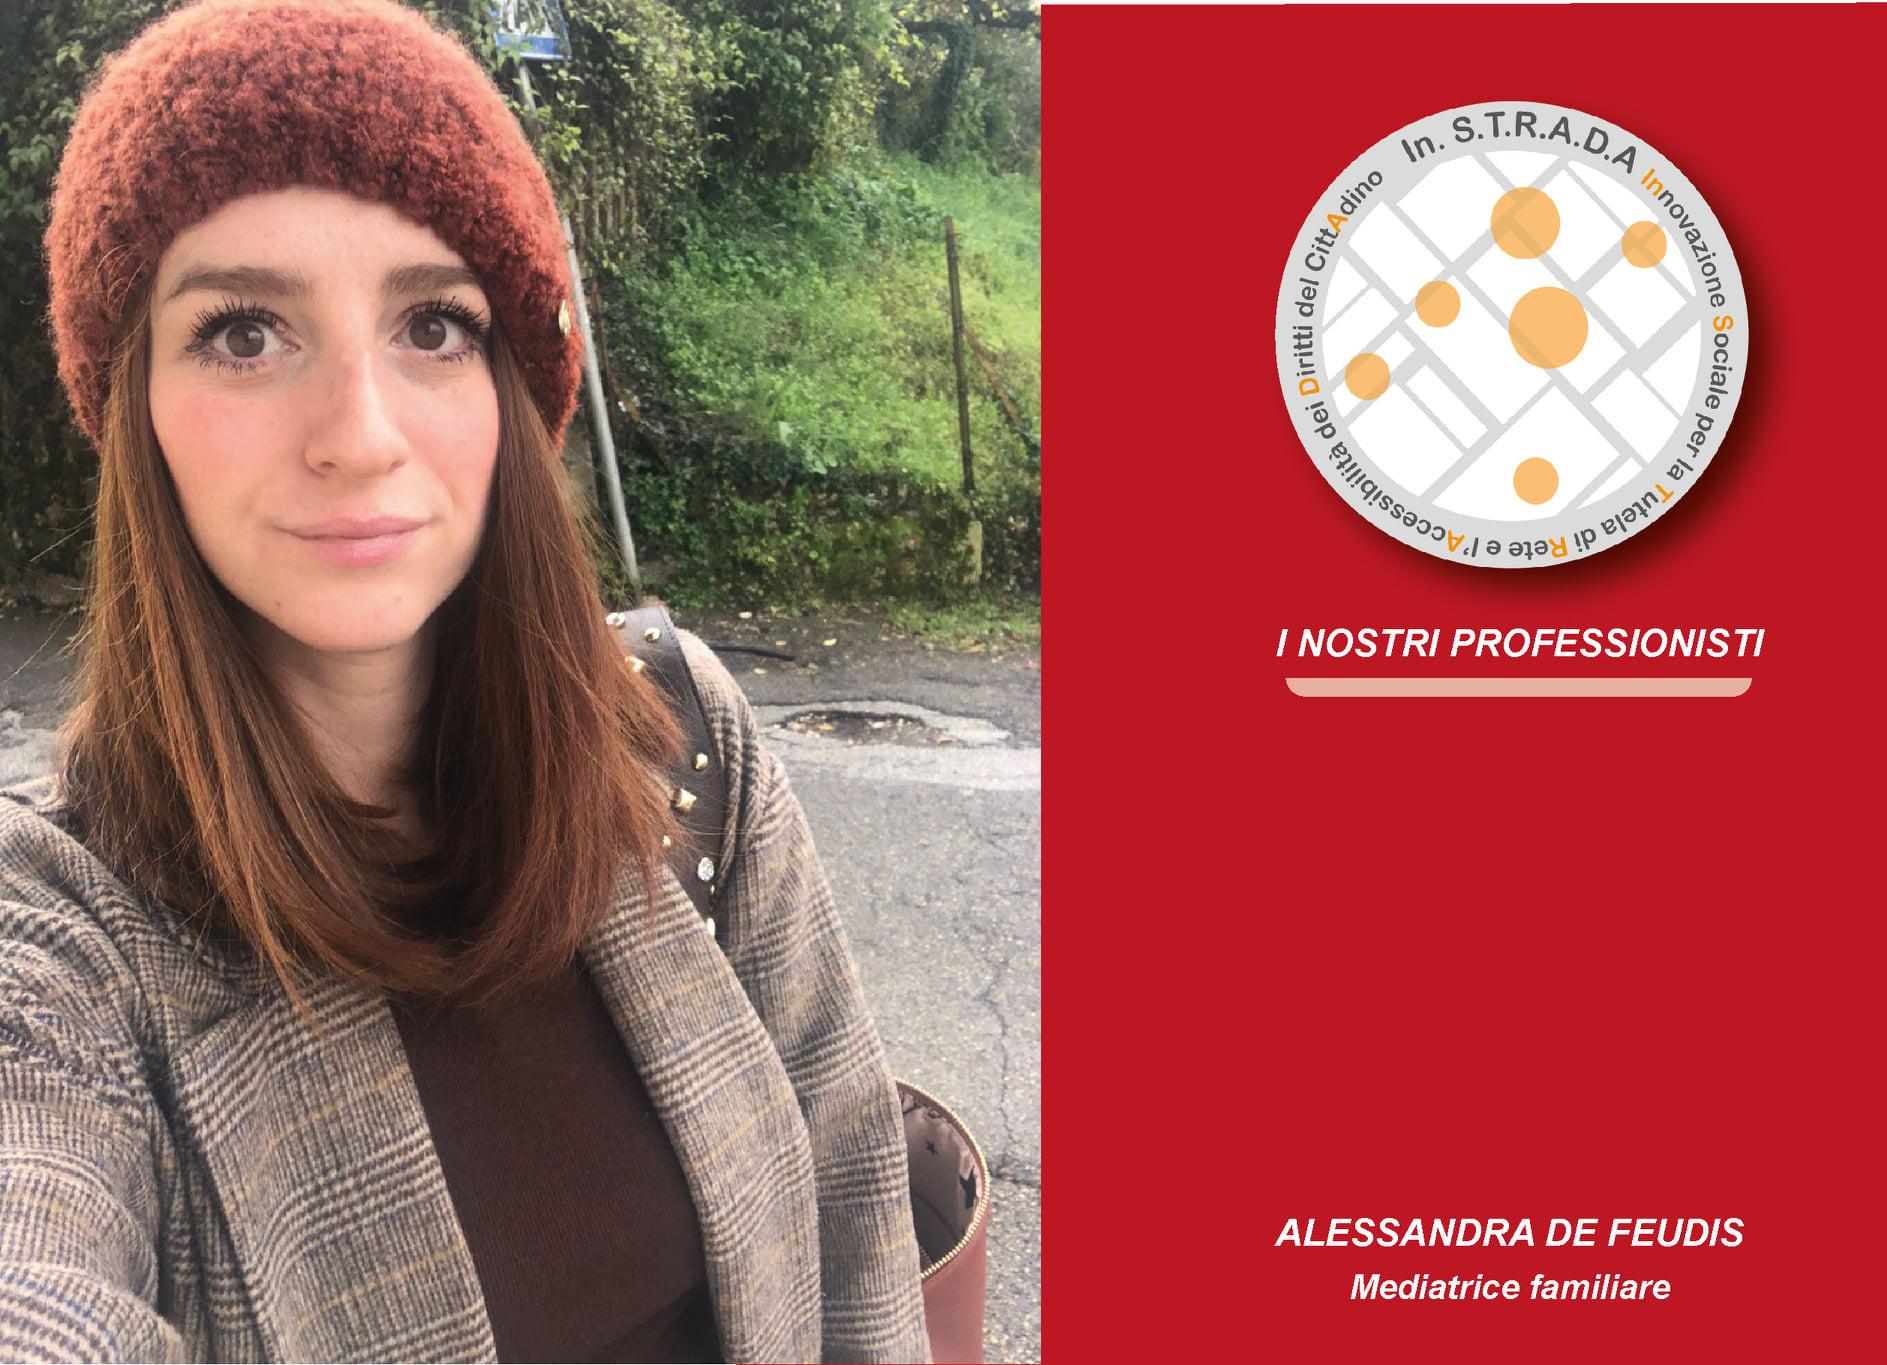 Associazione In.S.T.R.A.D.A, Alessandra De Feudis, mediatrice familiare